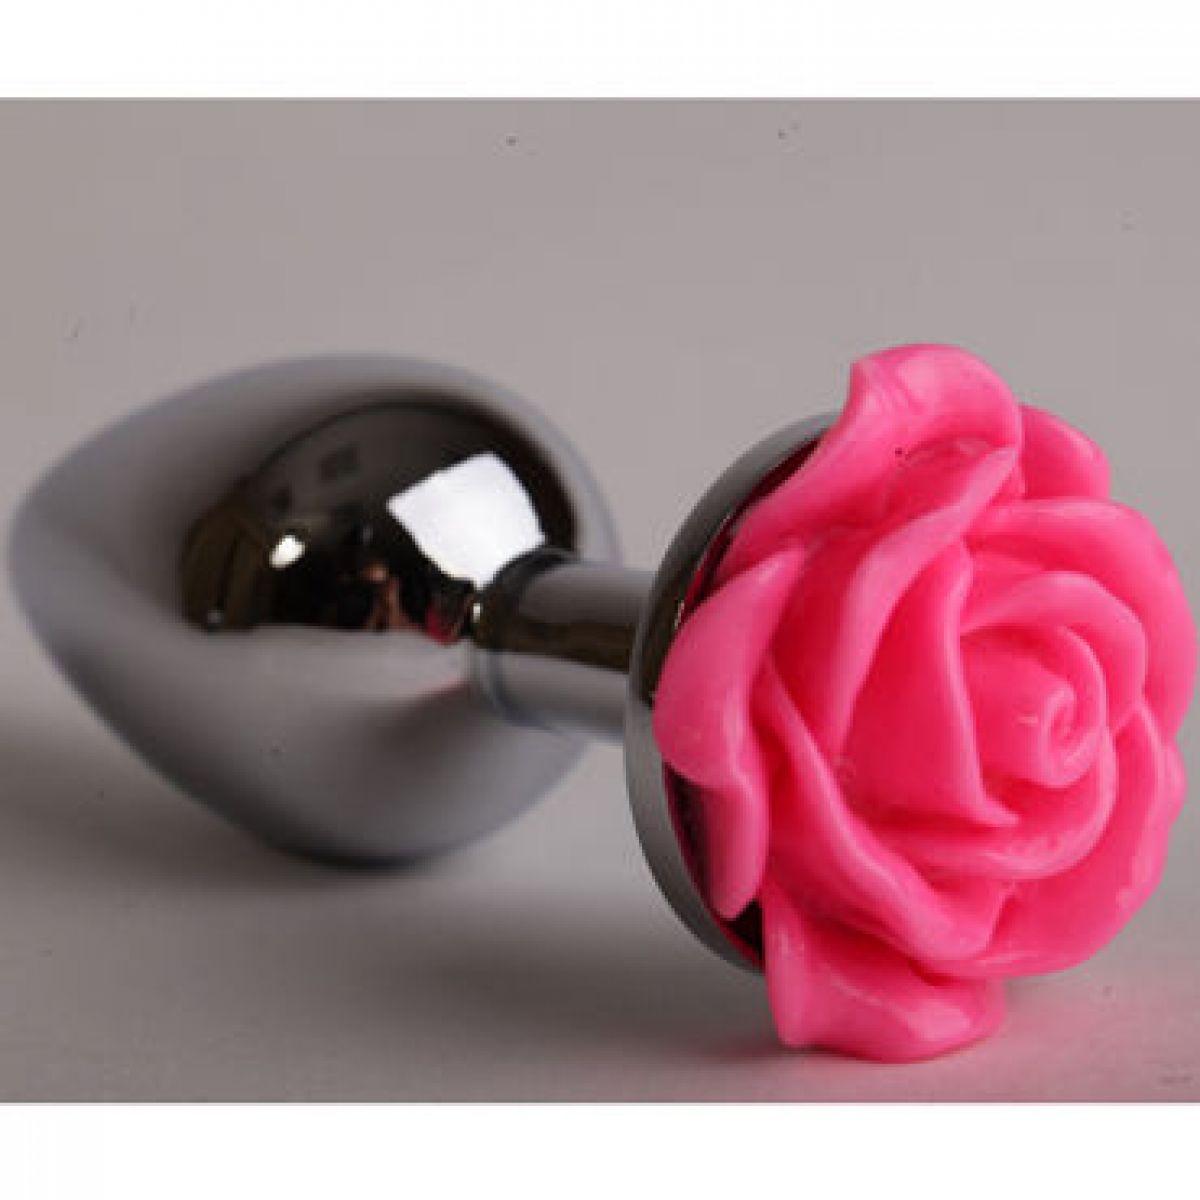 Анальная пробка серебристая с ярко-розовой розой S